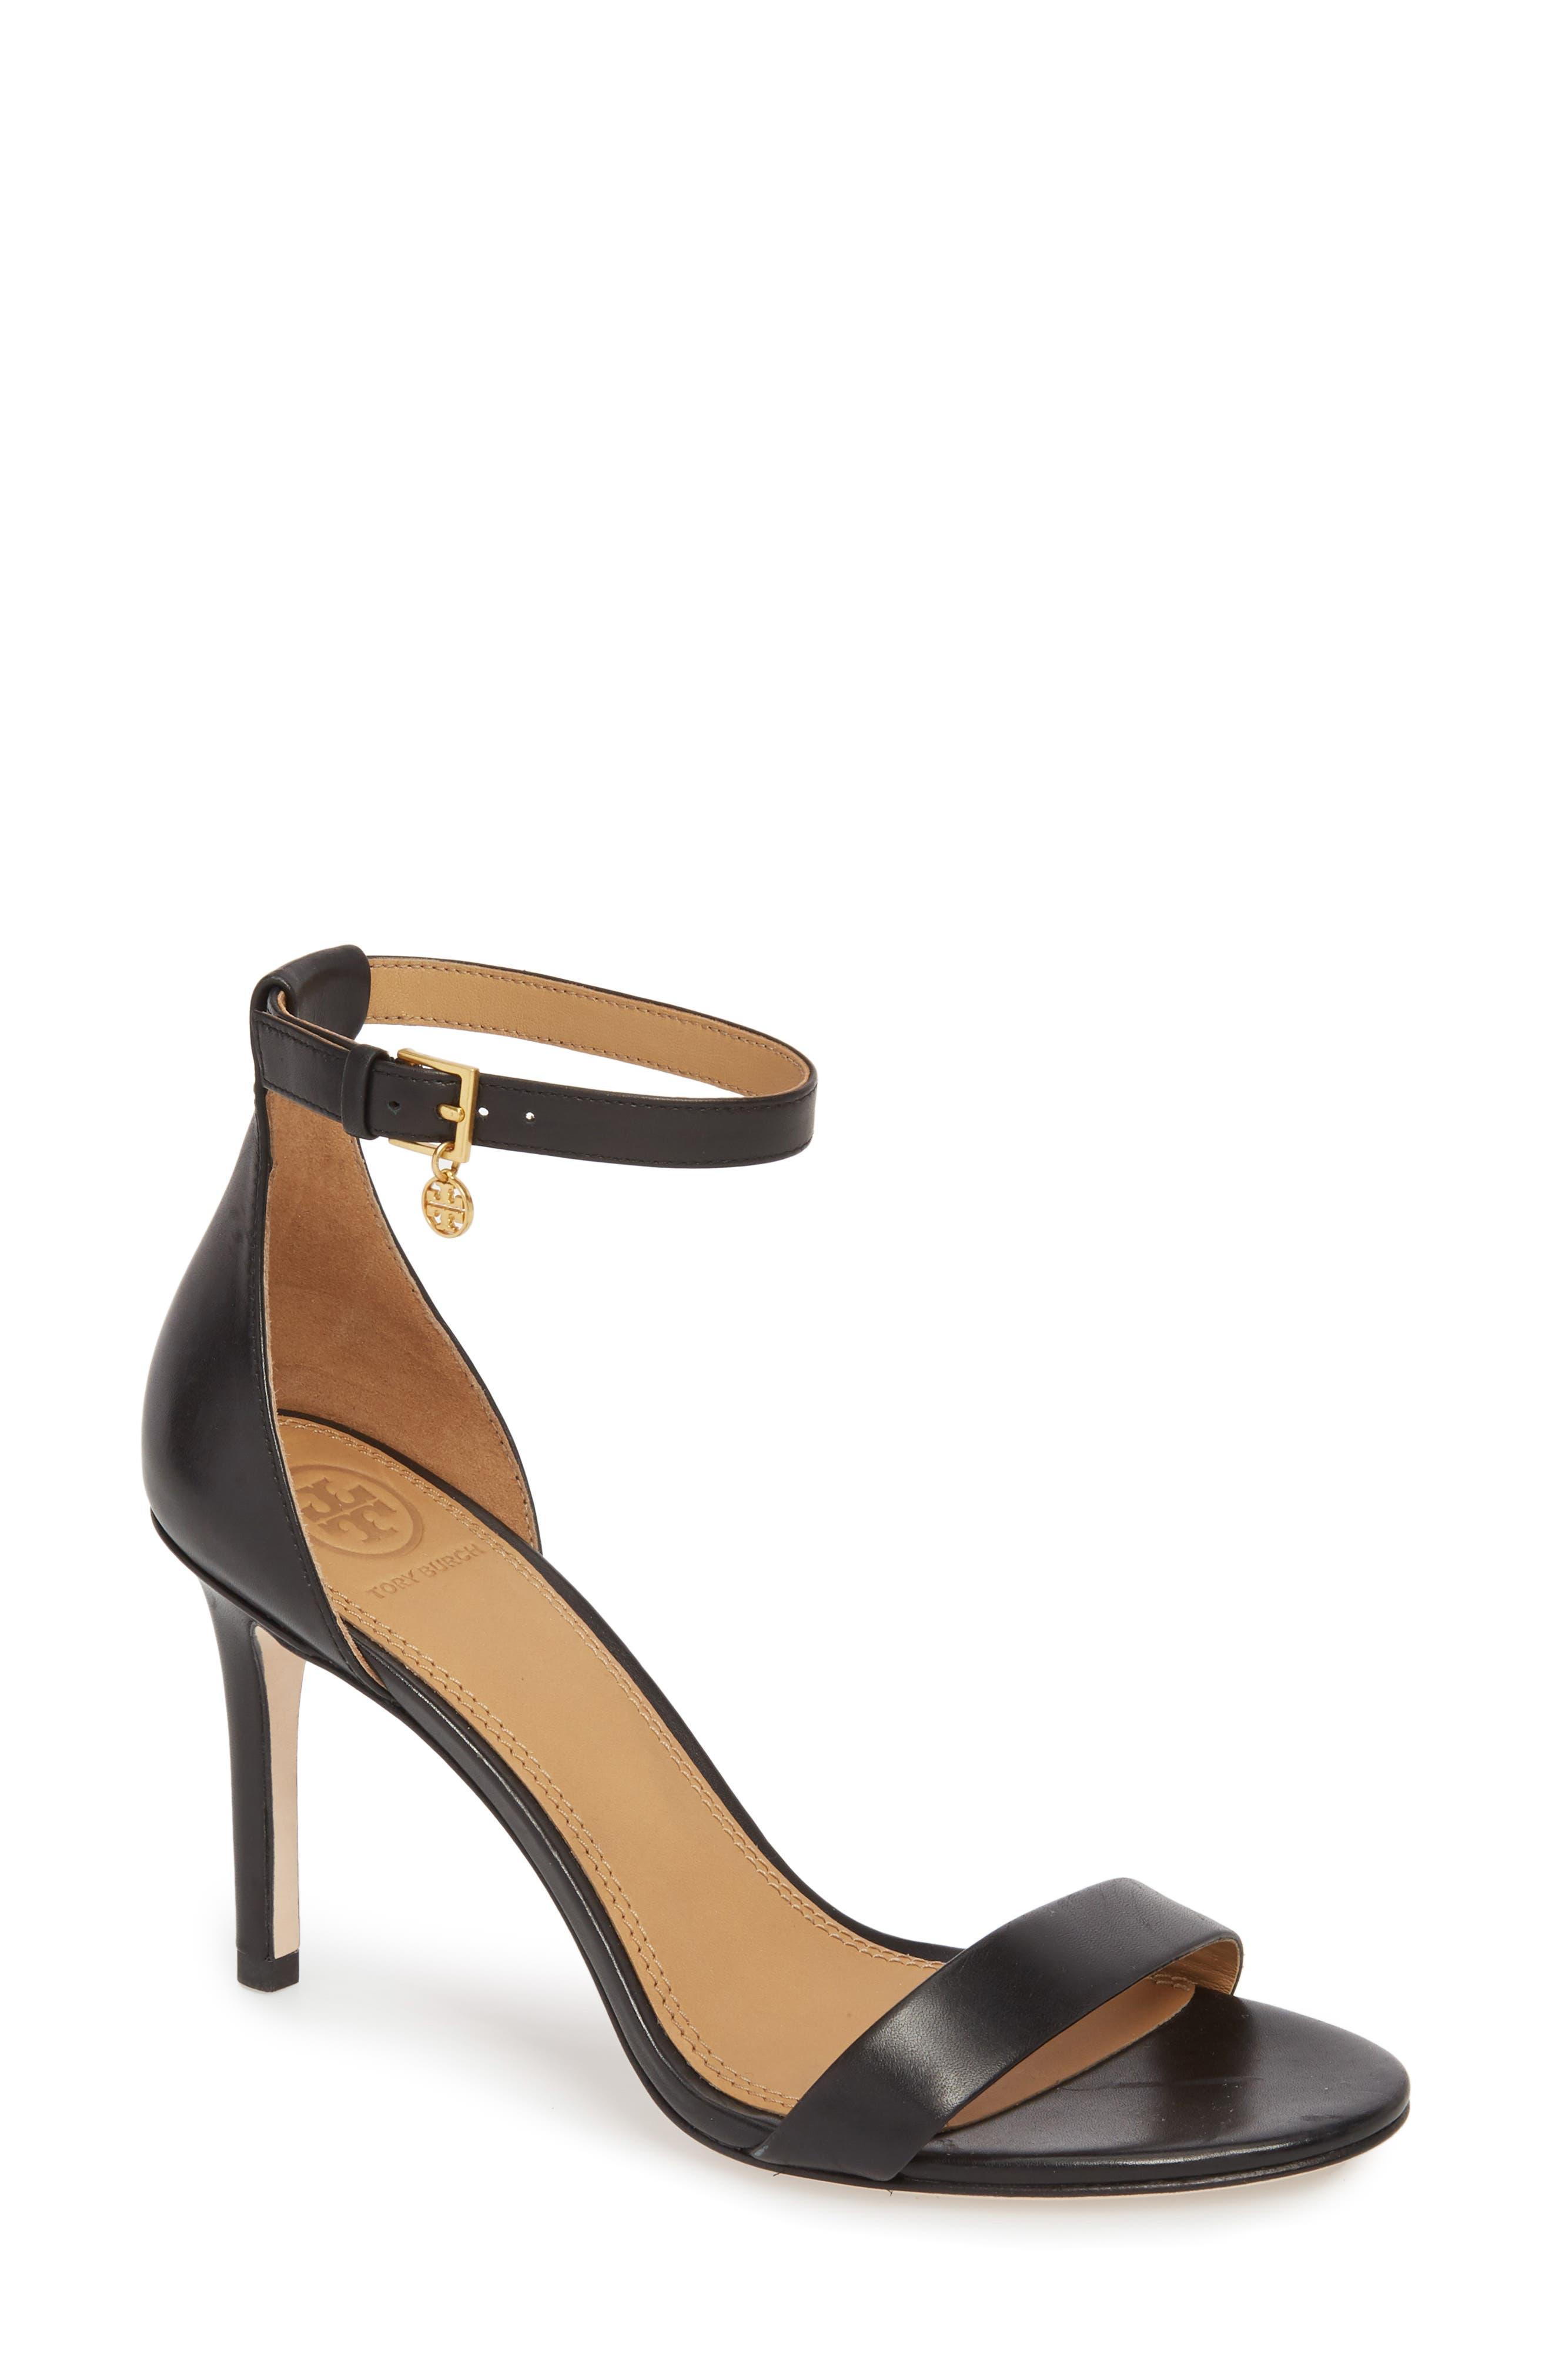 Ellie Ankle Strap Sandal,                             Main thumbnail 1, color,                             Black Leather